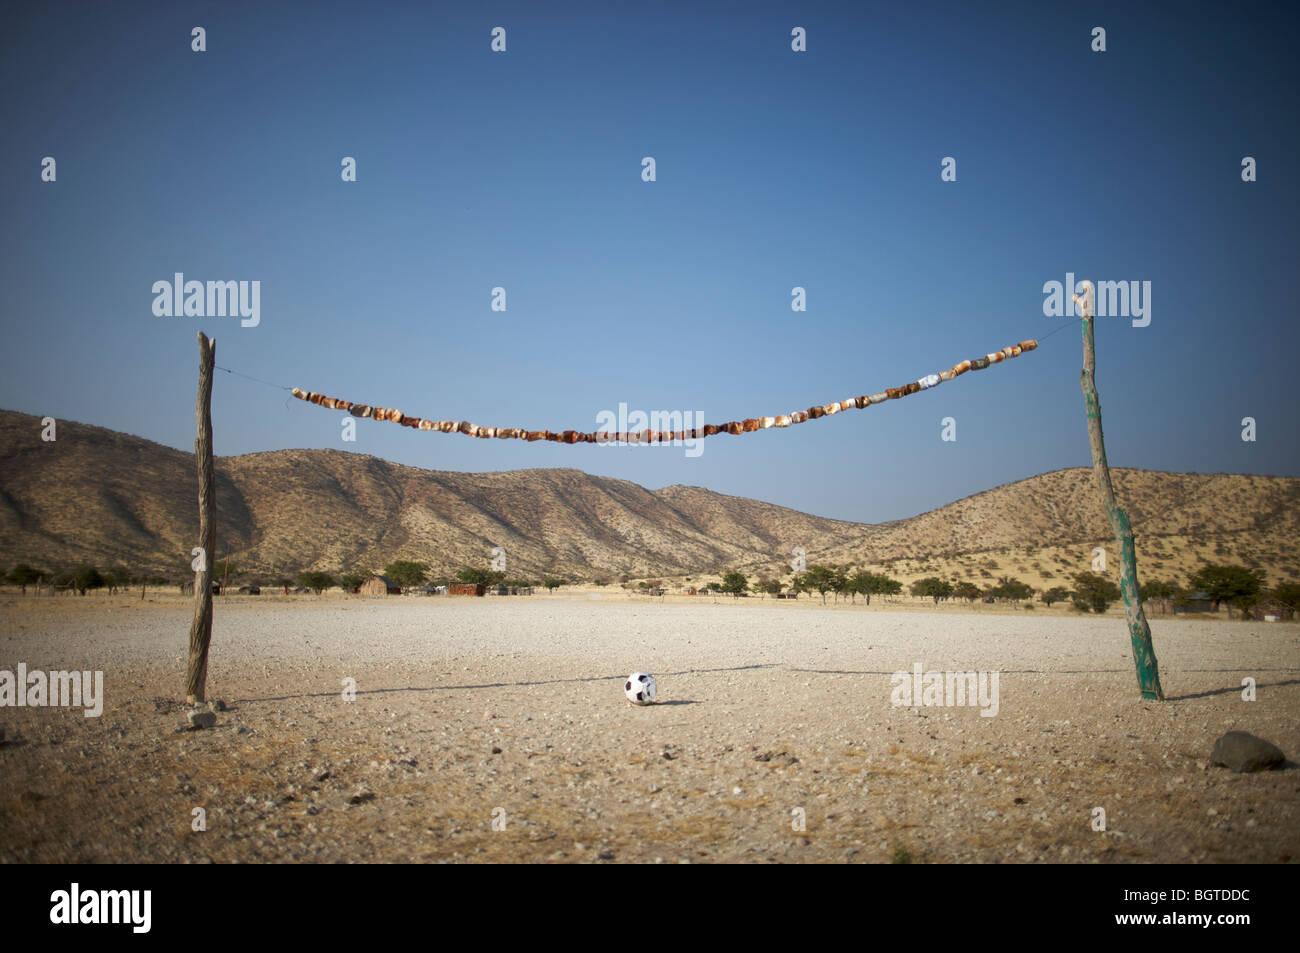 Terrain de soccer rural rustique faite de branches d'arbre et les canettes, Epupa Falls, Kaokoland, Namibie Photo Stock